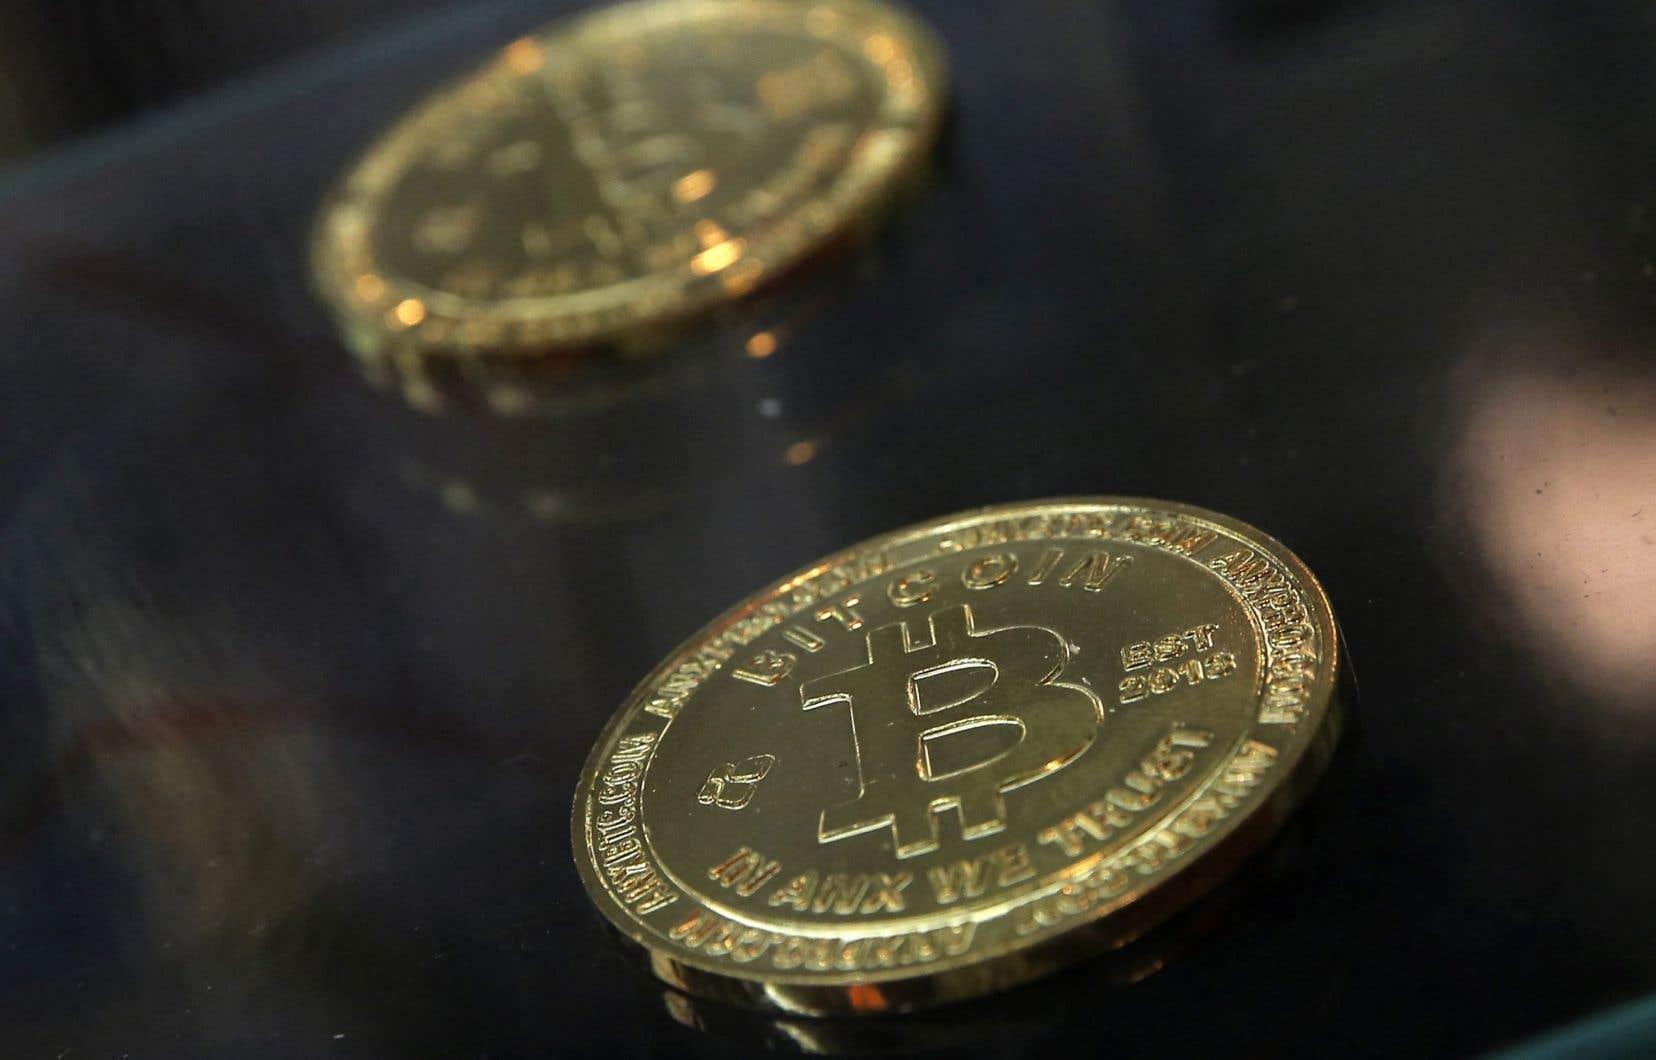 Le bitcoin (BTC) est une monnaie virtuelle décentralisée catégorisée comme étant une cryptomonnaie.